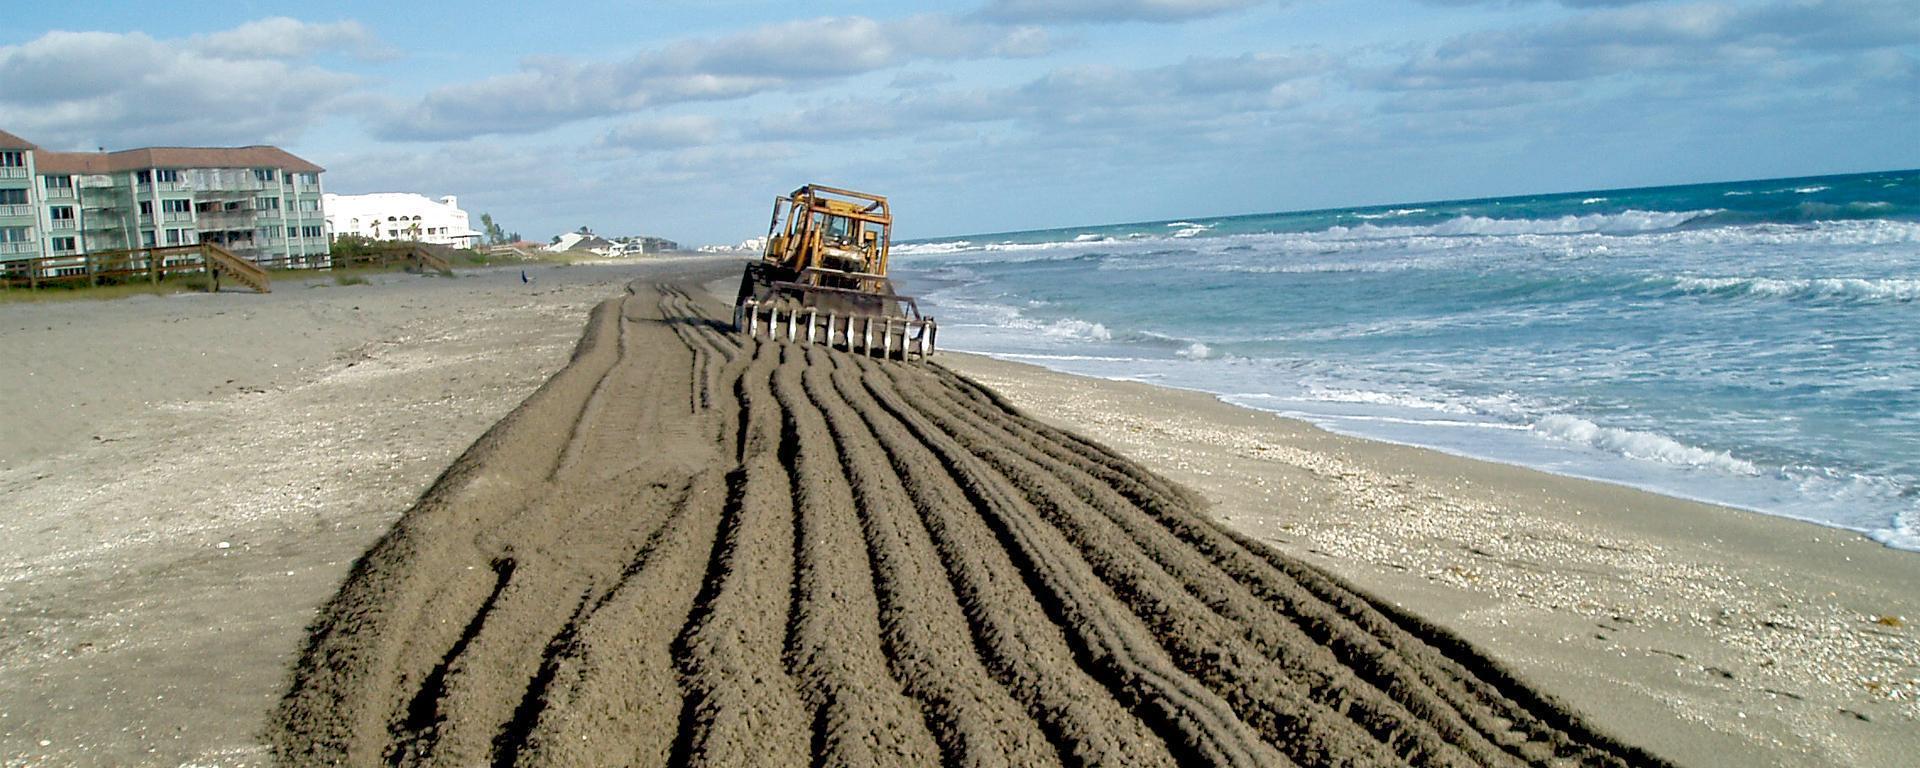 Beach Tilling